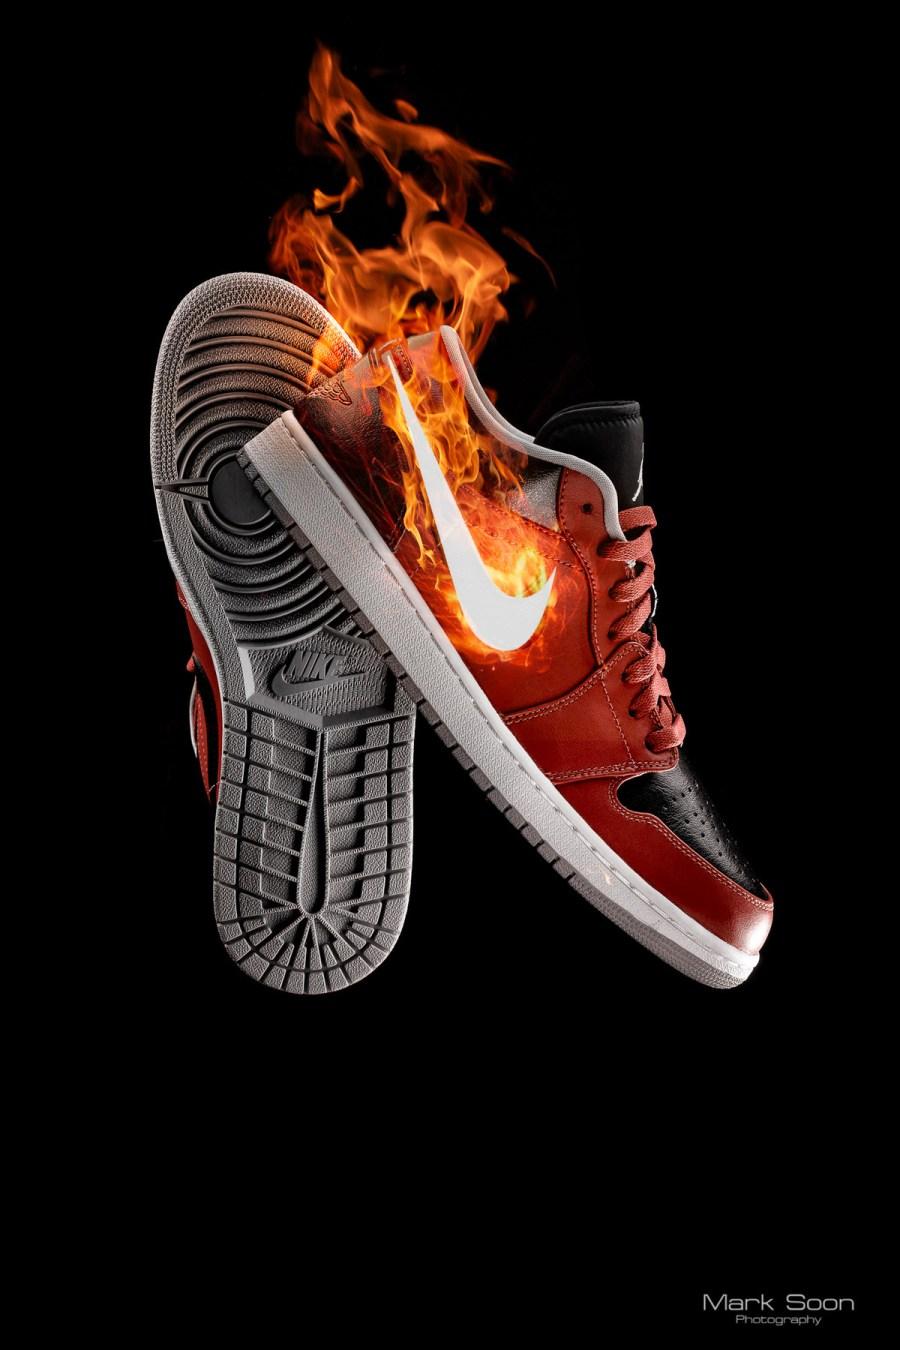 Nike Jordan AJ1 Low by Mark Soon